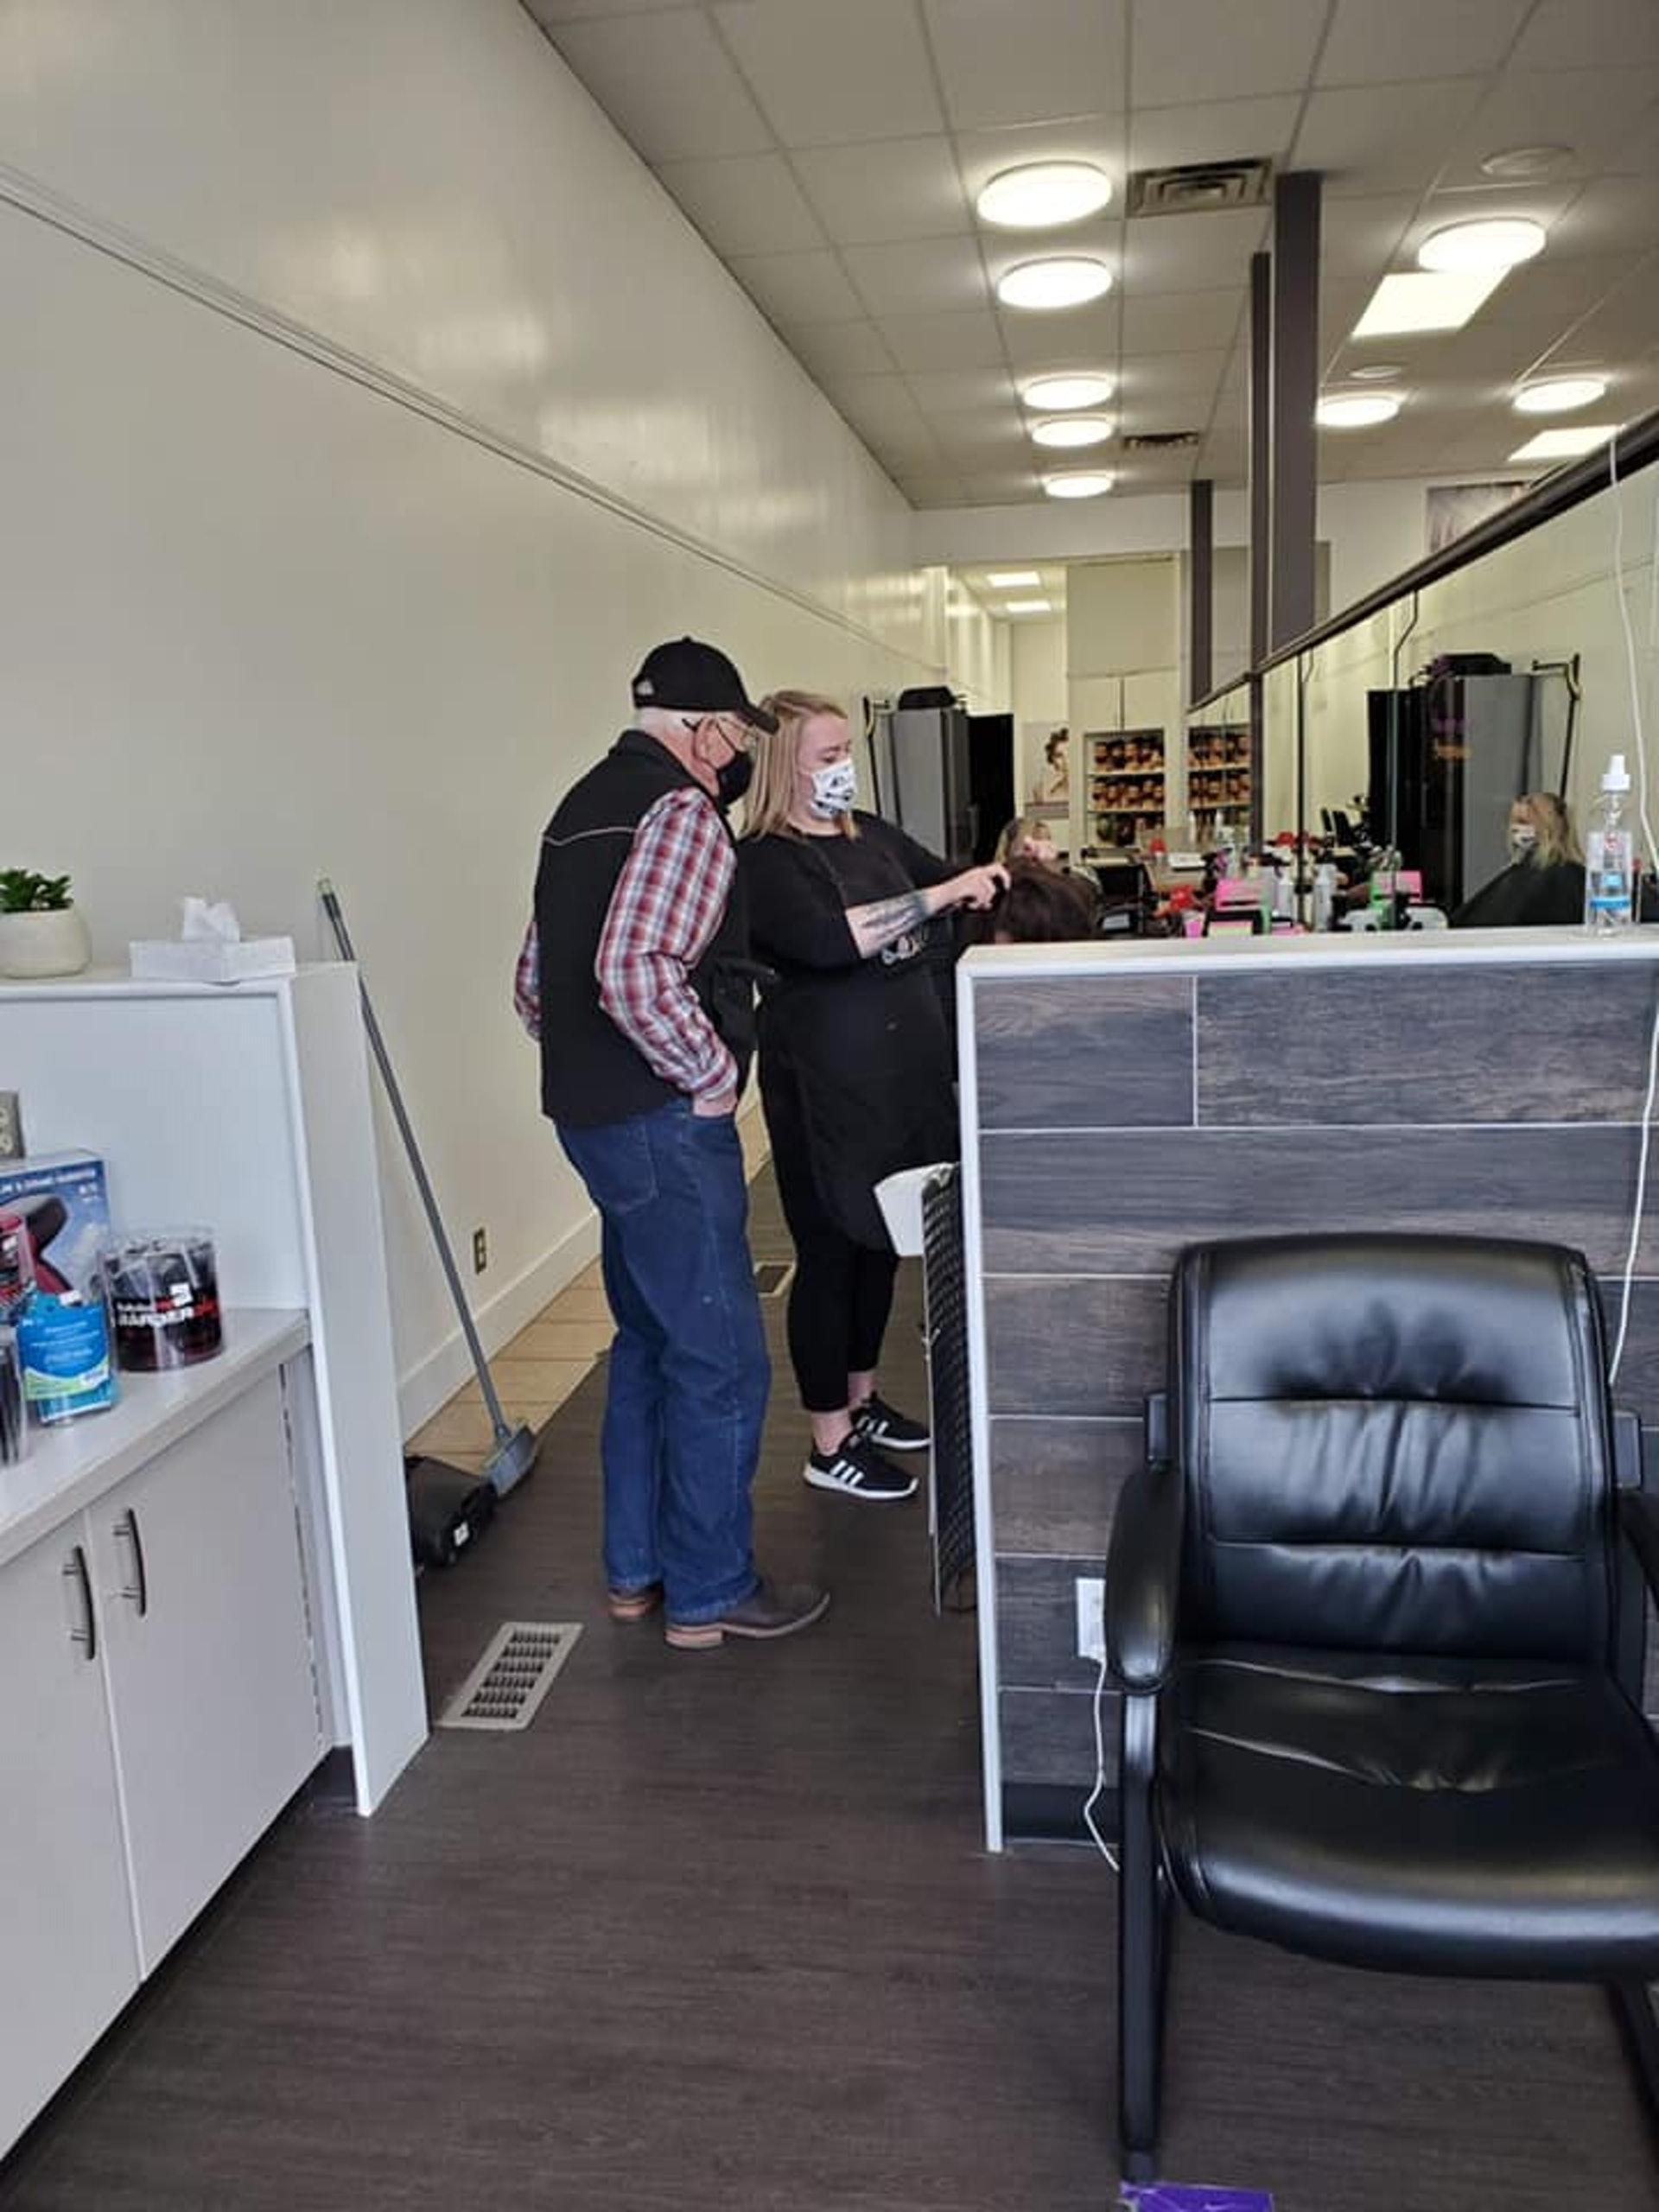 79歲伯去髮廊「學電棒捲髮」 美髮師聽原因被暖哭:他想保護老婆